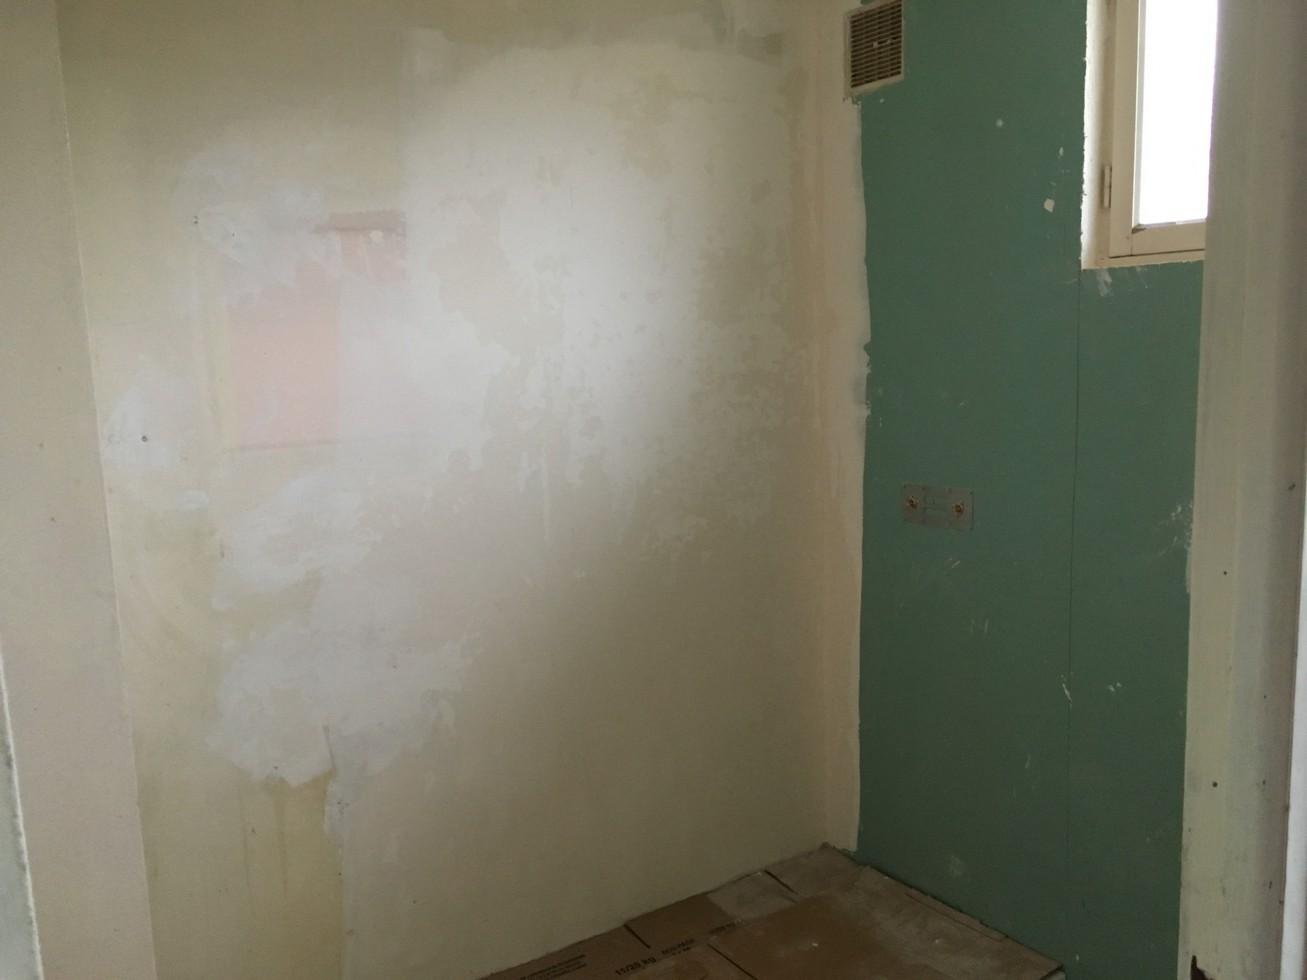 Carrelage fa ences salles de bains simode brisson - Refection joint carrelage ...